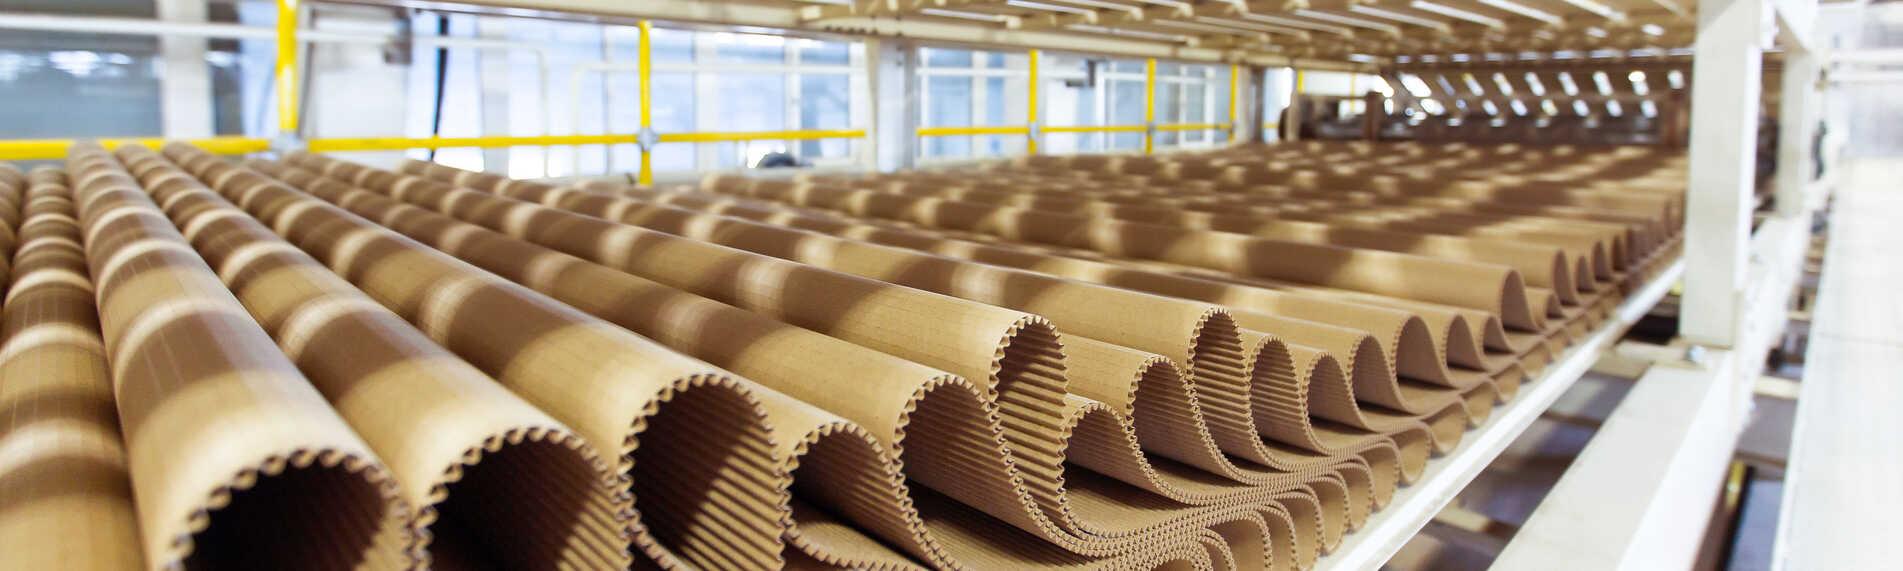 Emballageproduktion slipper väsentliga skador med rätt luftfuktighet